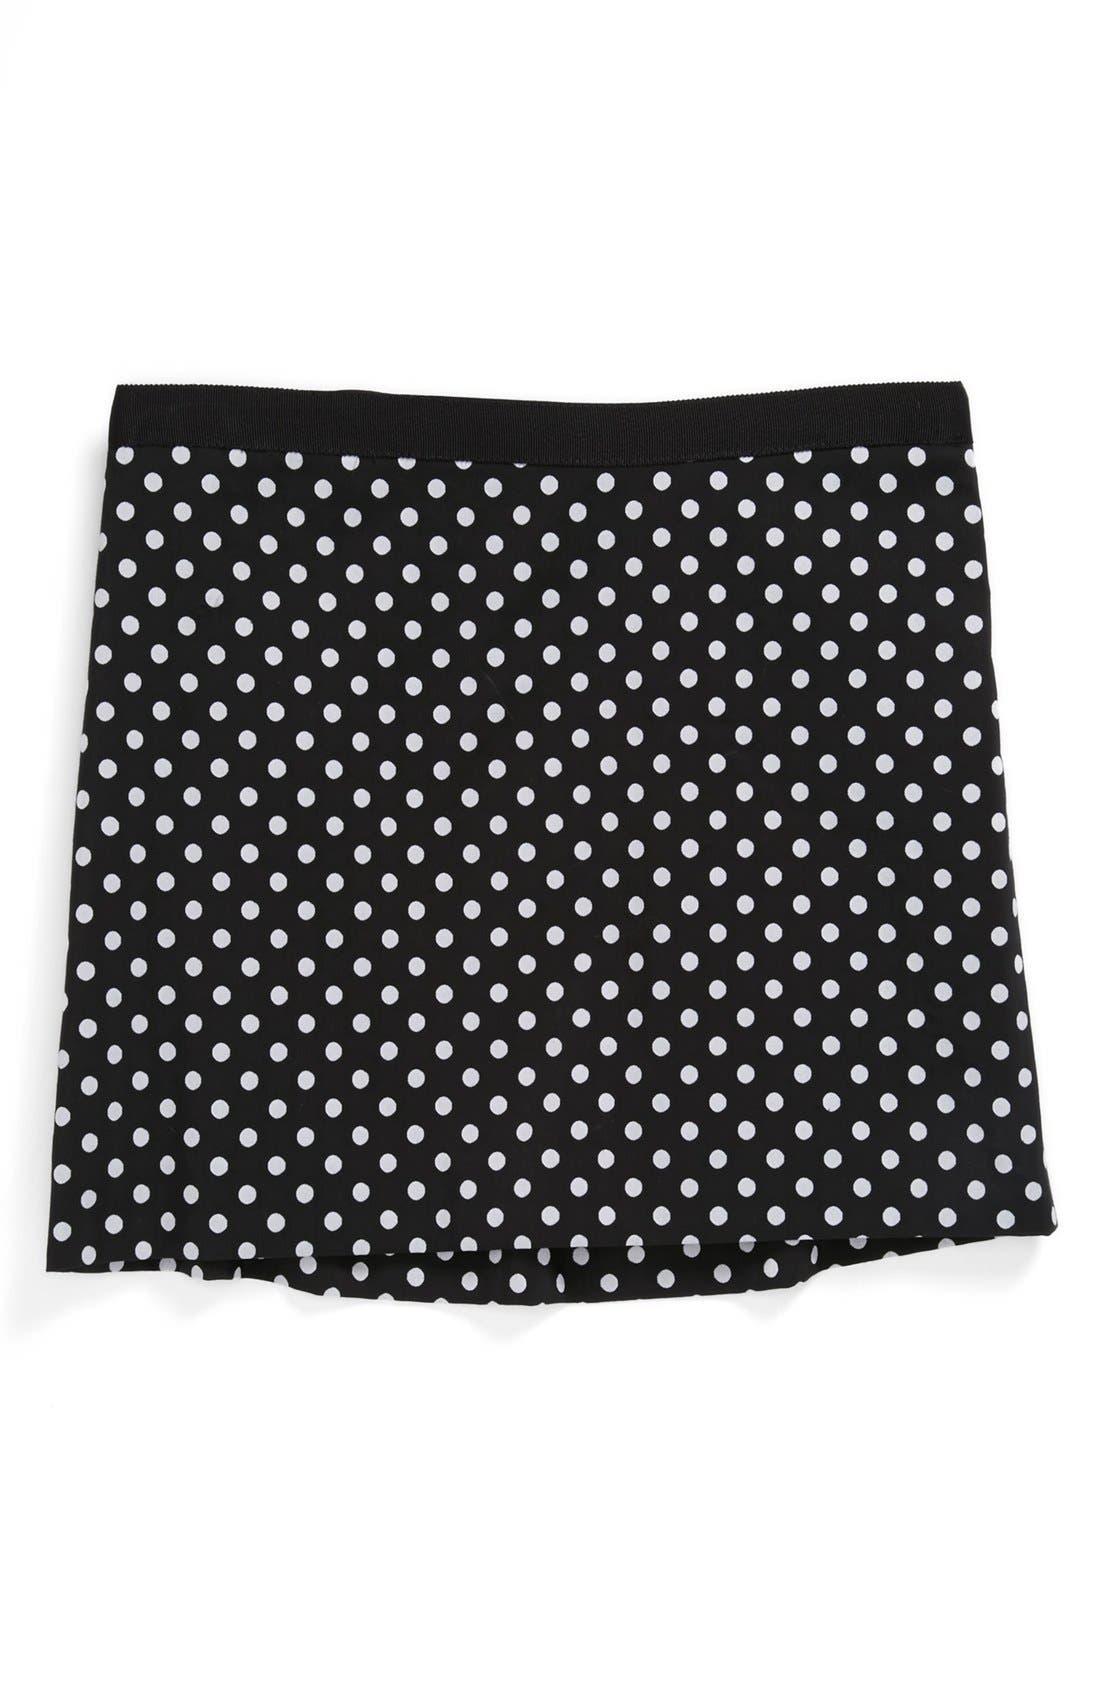 Main Image - Milly Minis Polka Dot Skirt (Toddler Girls, Little Girls & Big Girls)